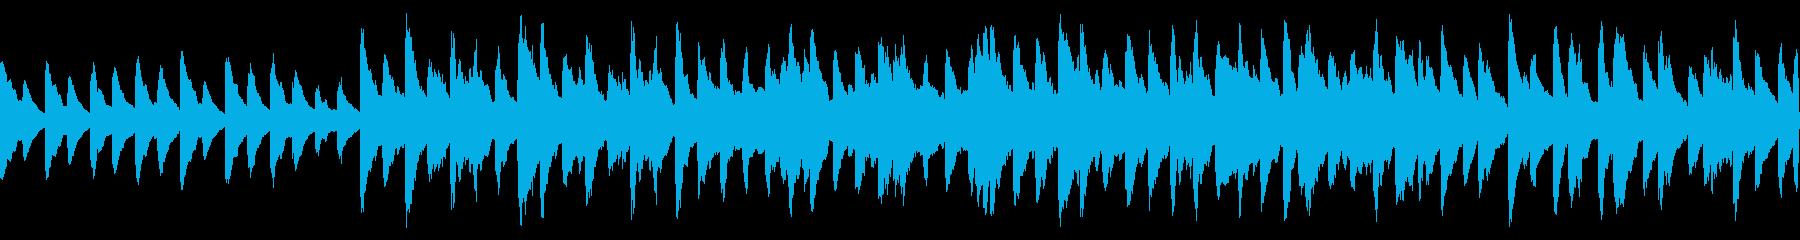 残響感のあるバラード曲(ループ仕様)の再生済みの波形